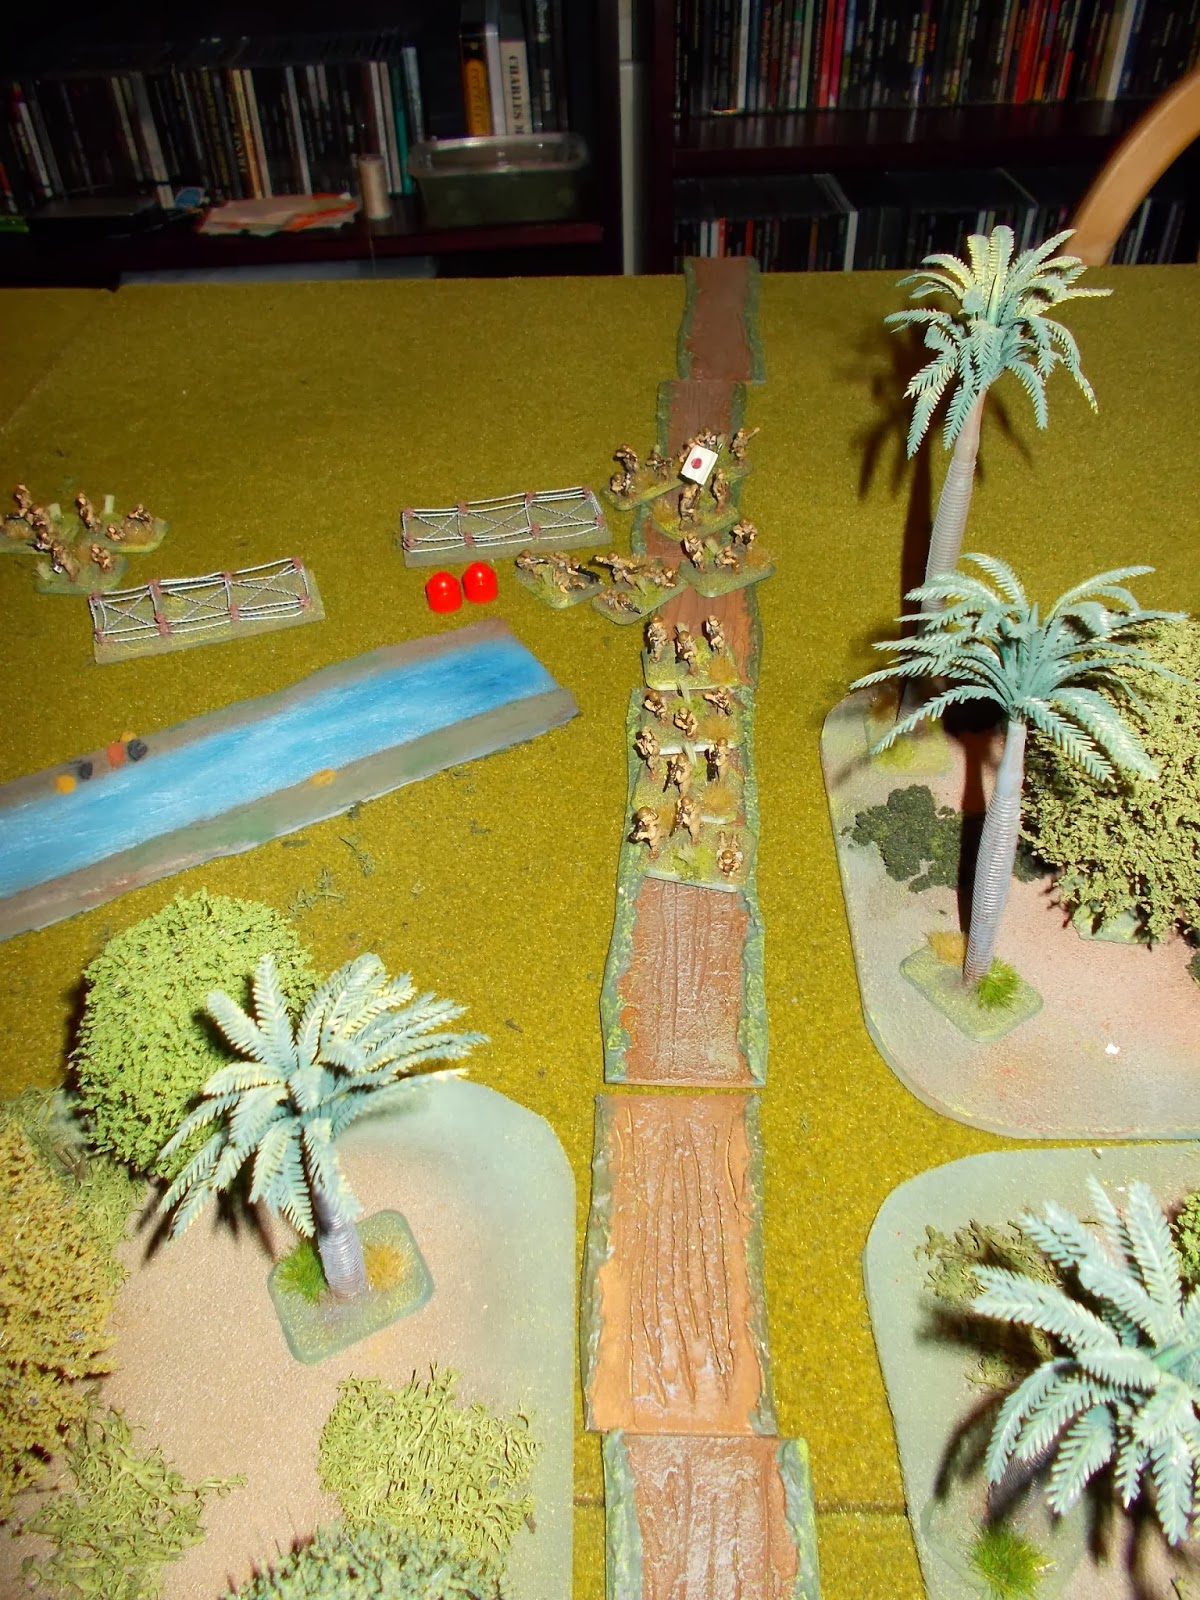 battle of jitra Lt kolonel saeki shizuo : wareware no chīmu wa kotabaru ni jōriku shita jeneral tomoyuki yamashita : omedetōgozaimasu, ima, soreha watashitachi no bandesu lt.